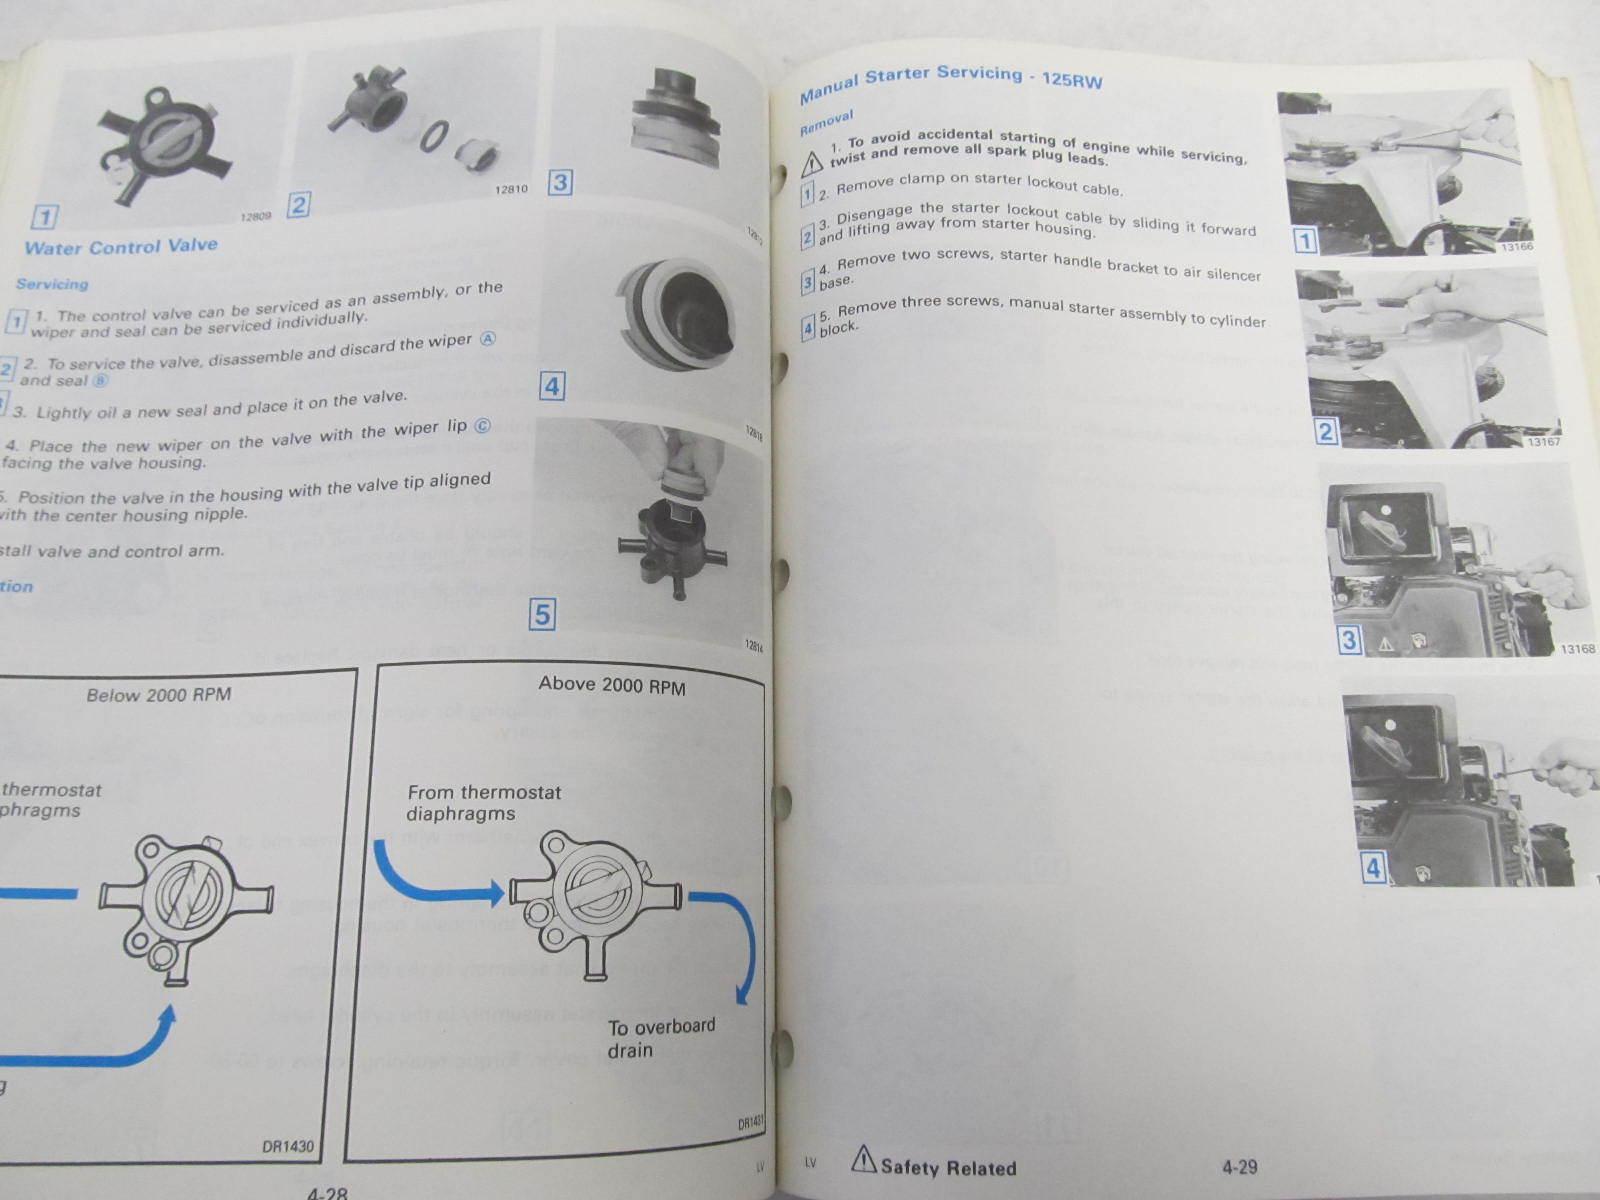 1987 Evinrude Outboard Manual